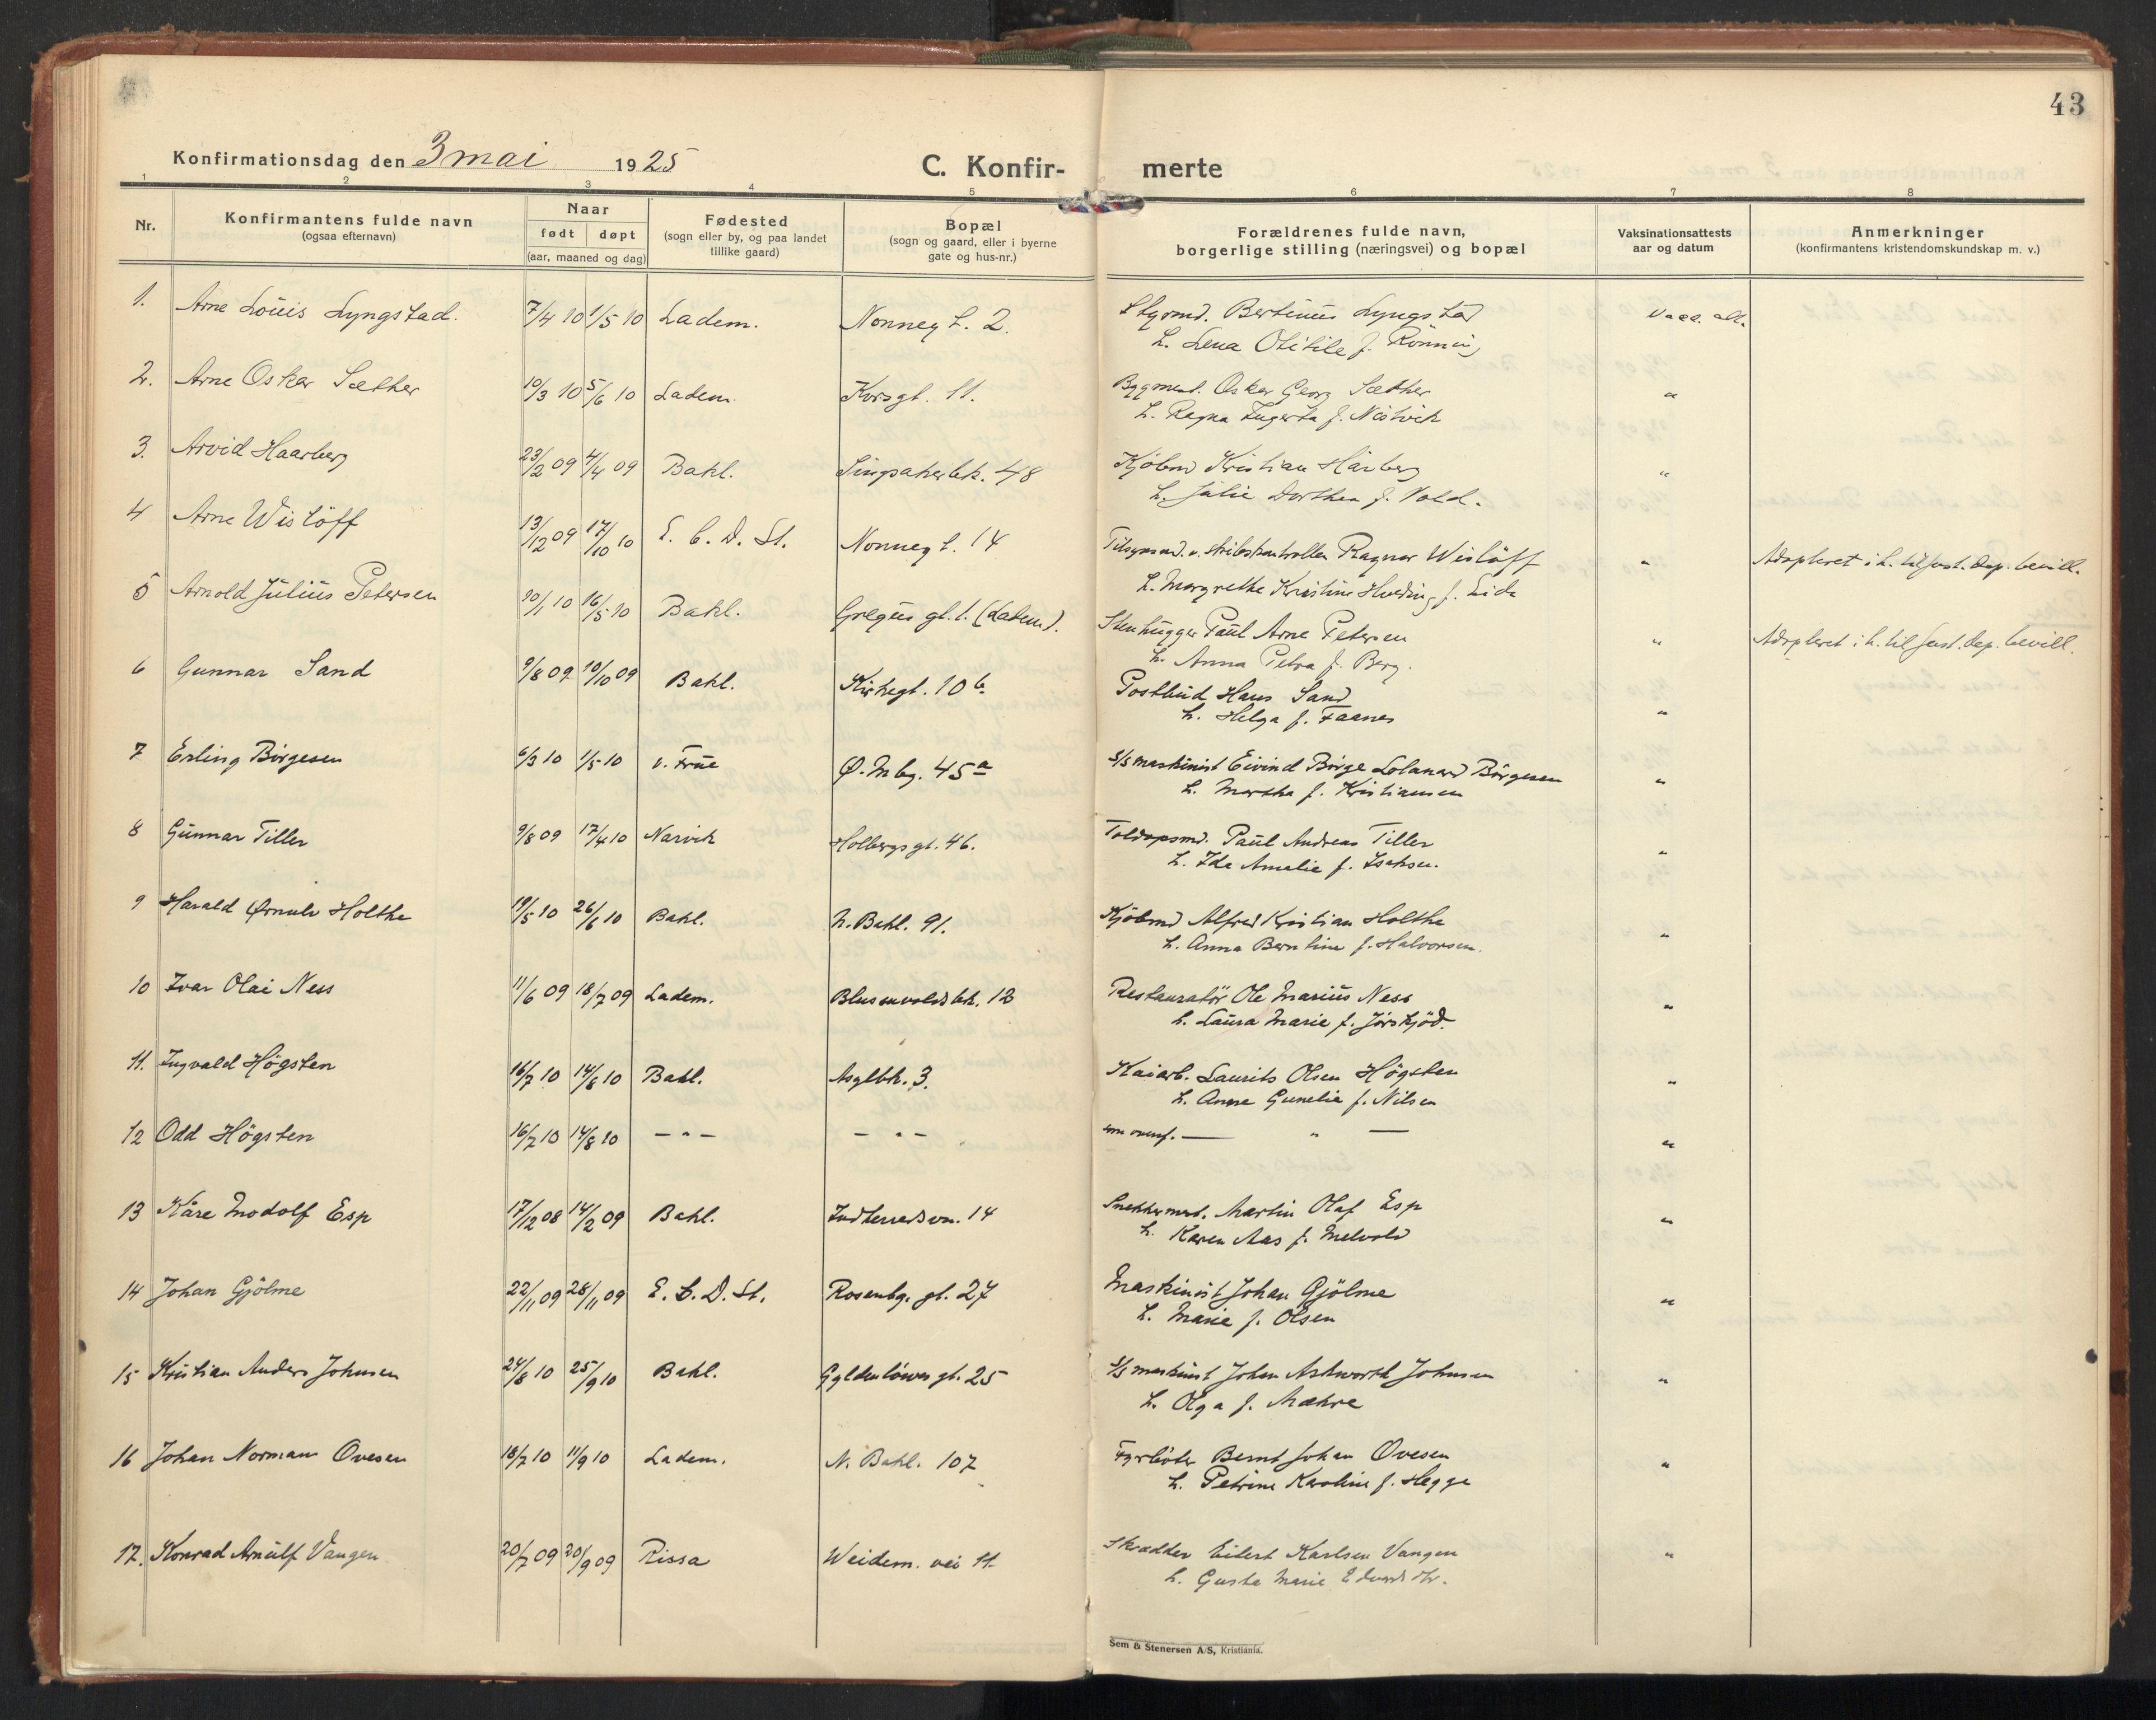 SAT, Ministerialprotokoller, klokkerbøker og fødselsregistre - Sør-Trøndelag, 604/L0208: Ministerialbok nr. 604A28, 1923-1937, s. 43